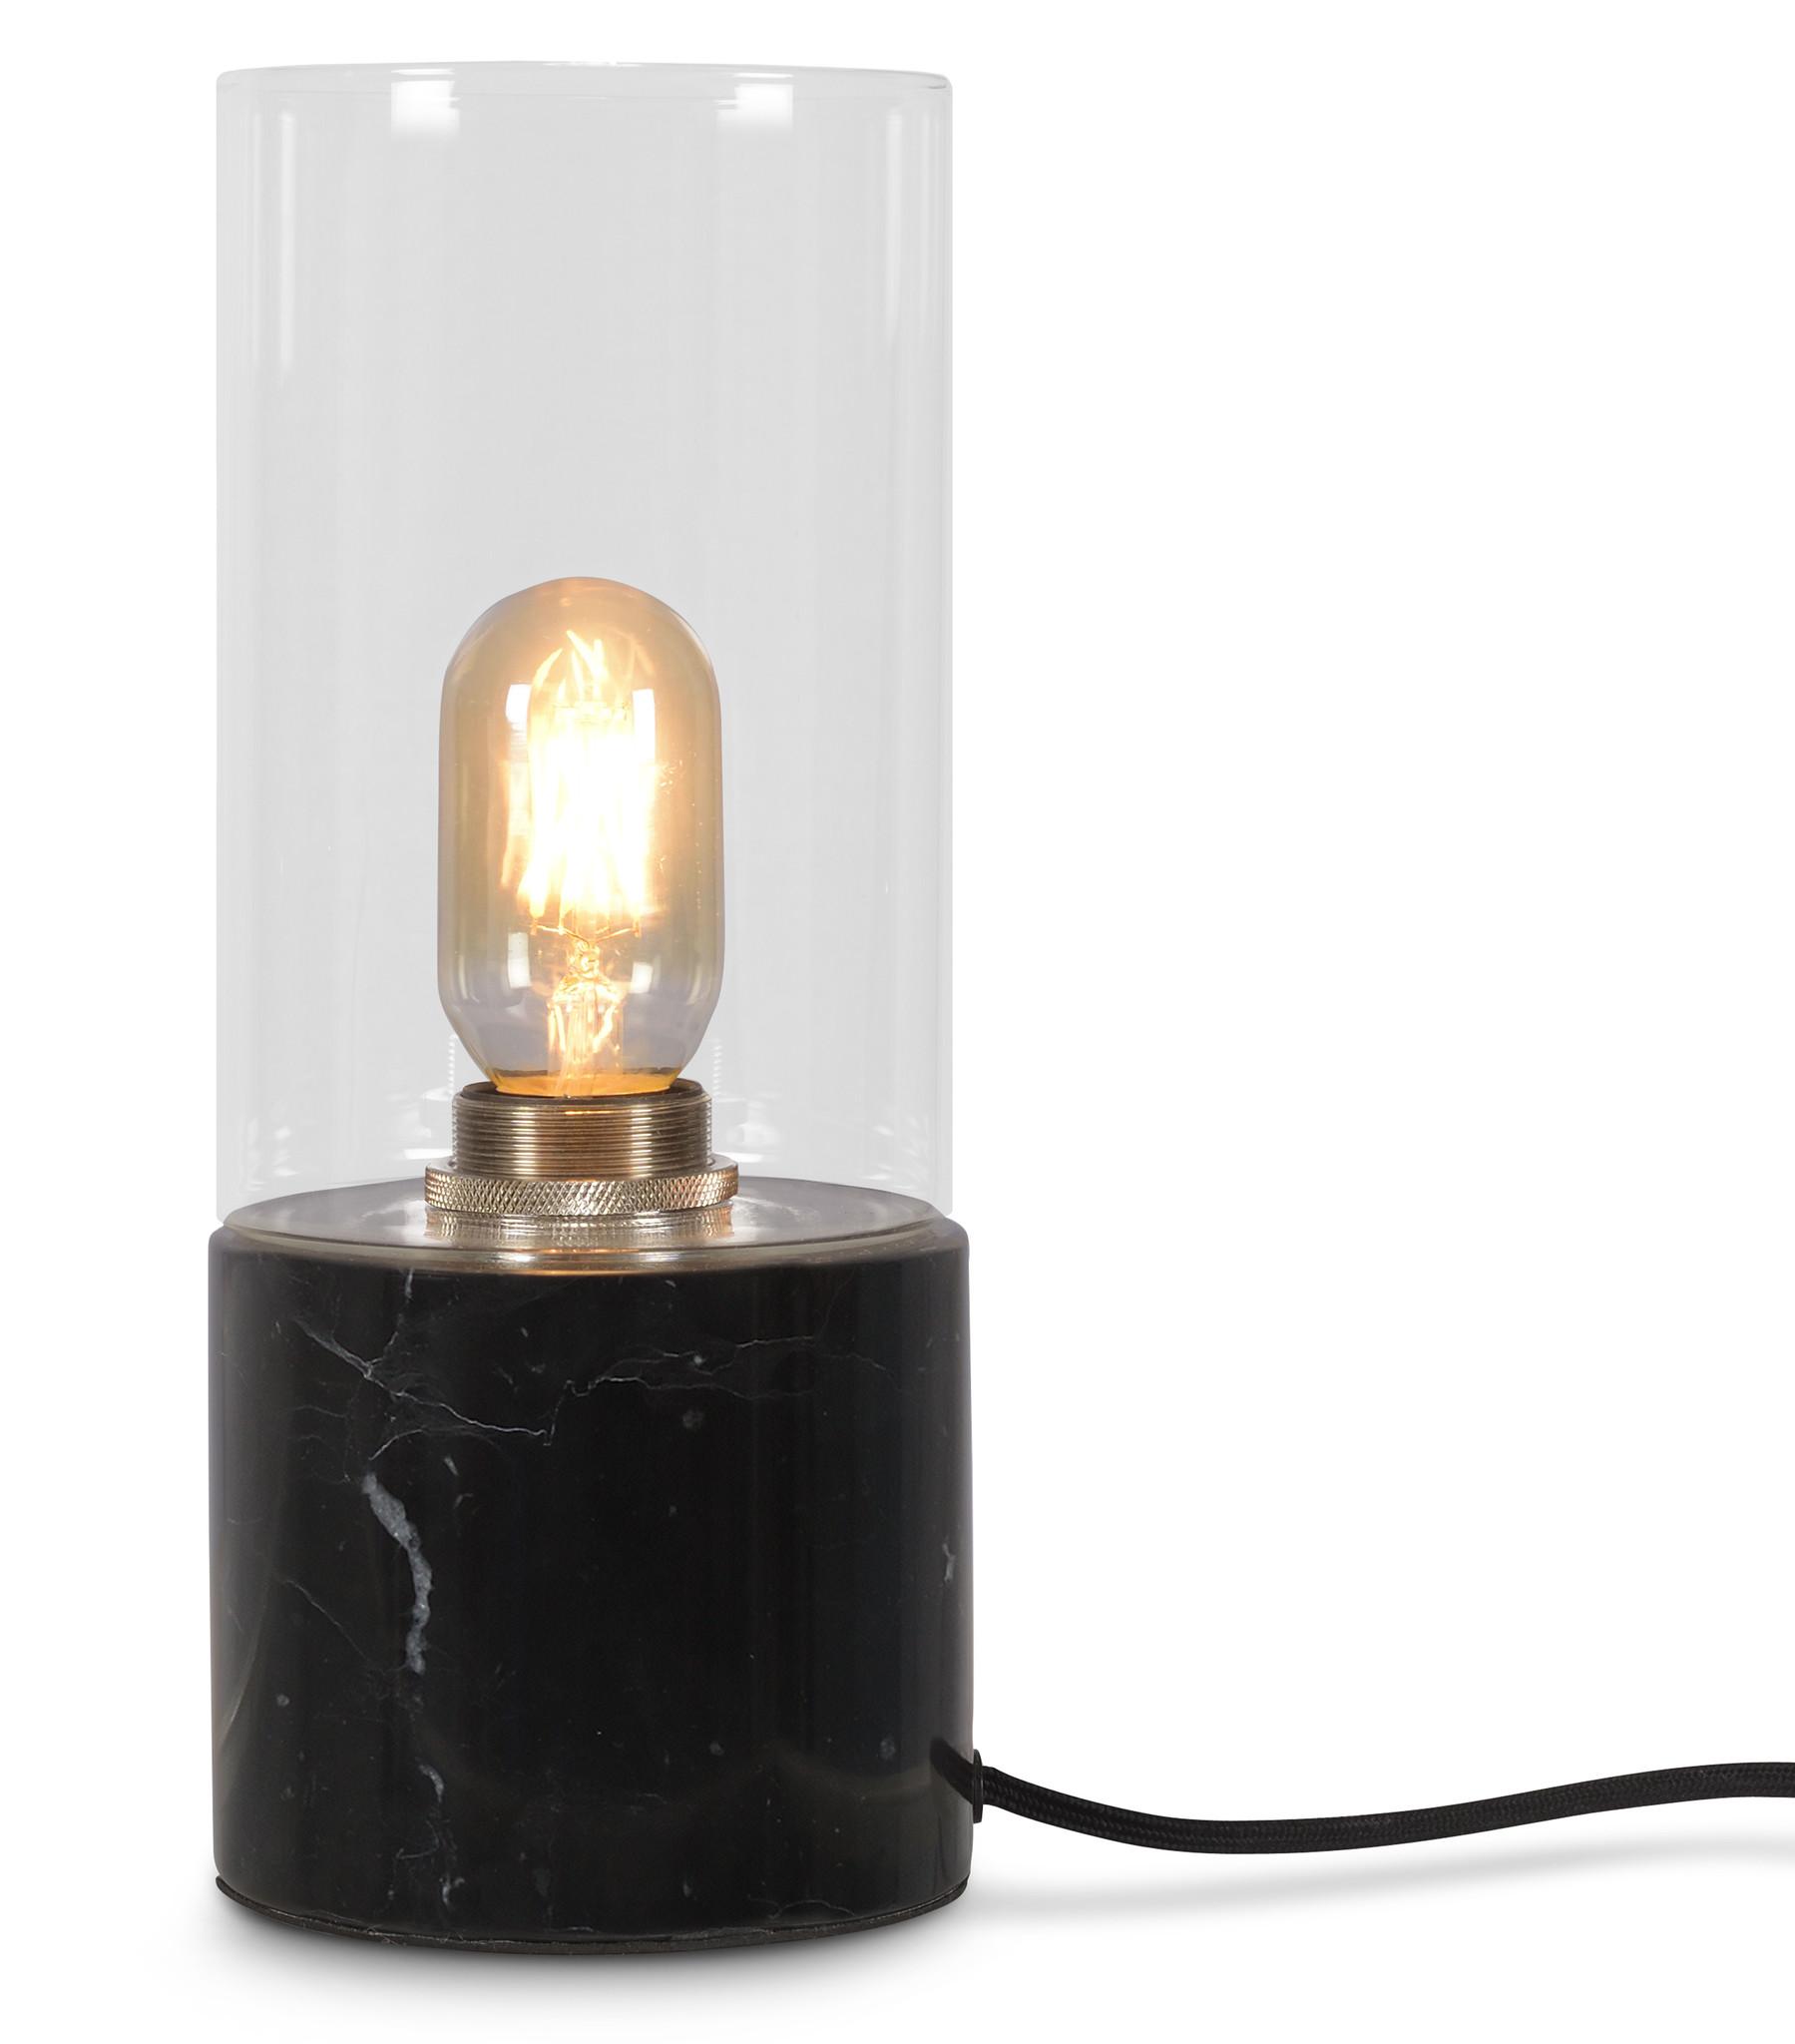 Tafellamp Athens glas marmer zwart-1